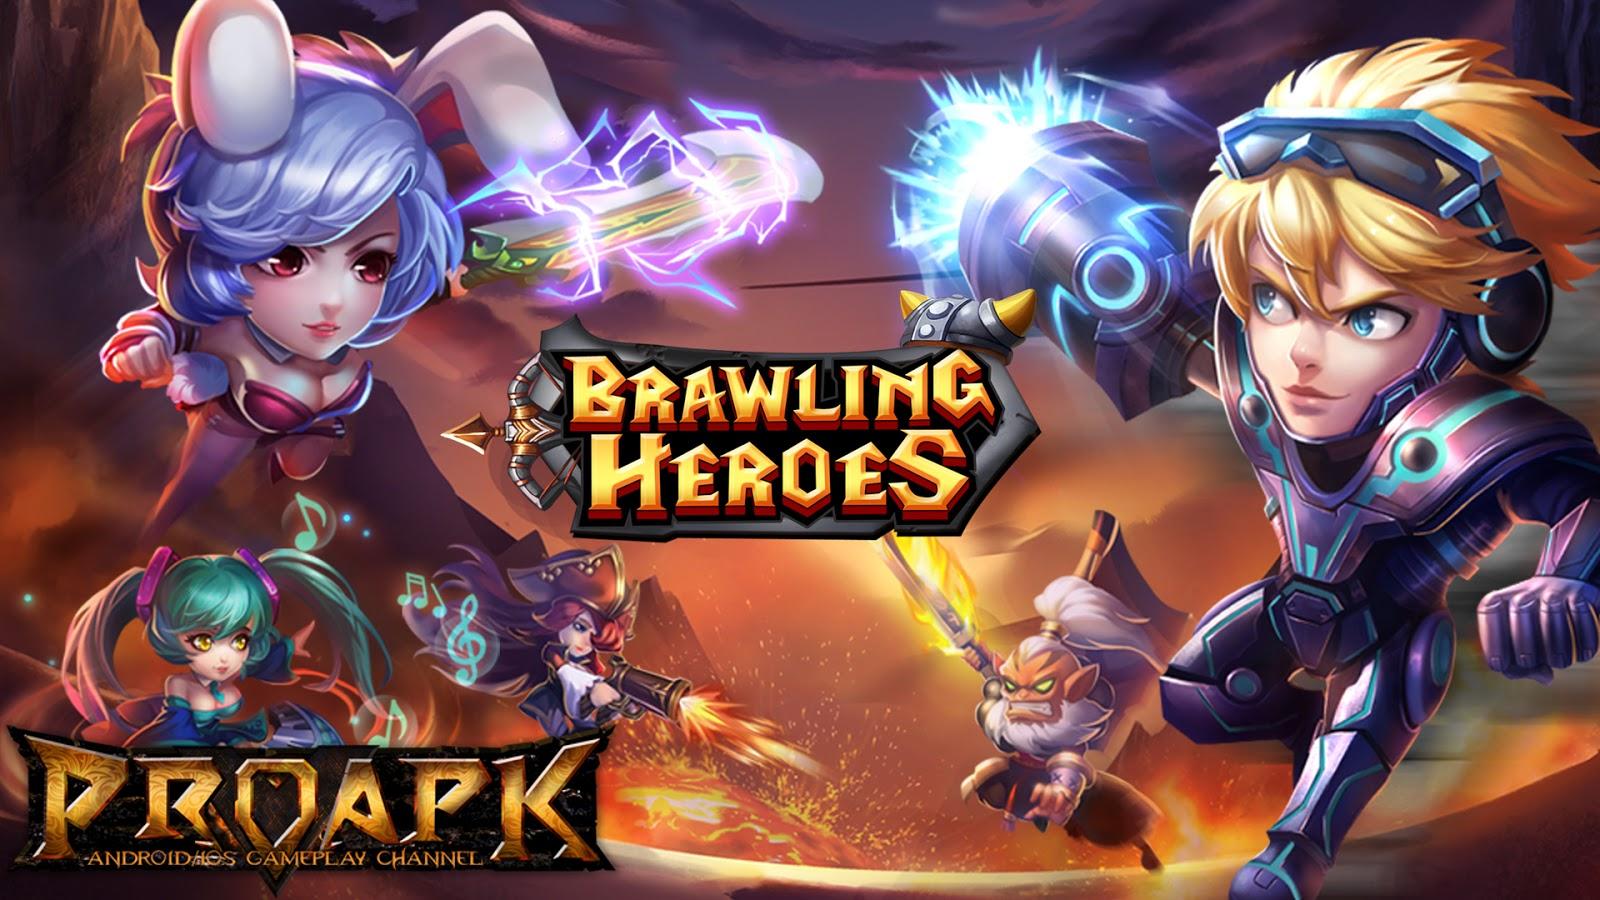 Brawling Heroes